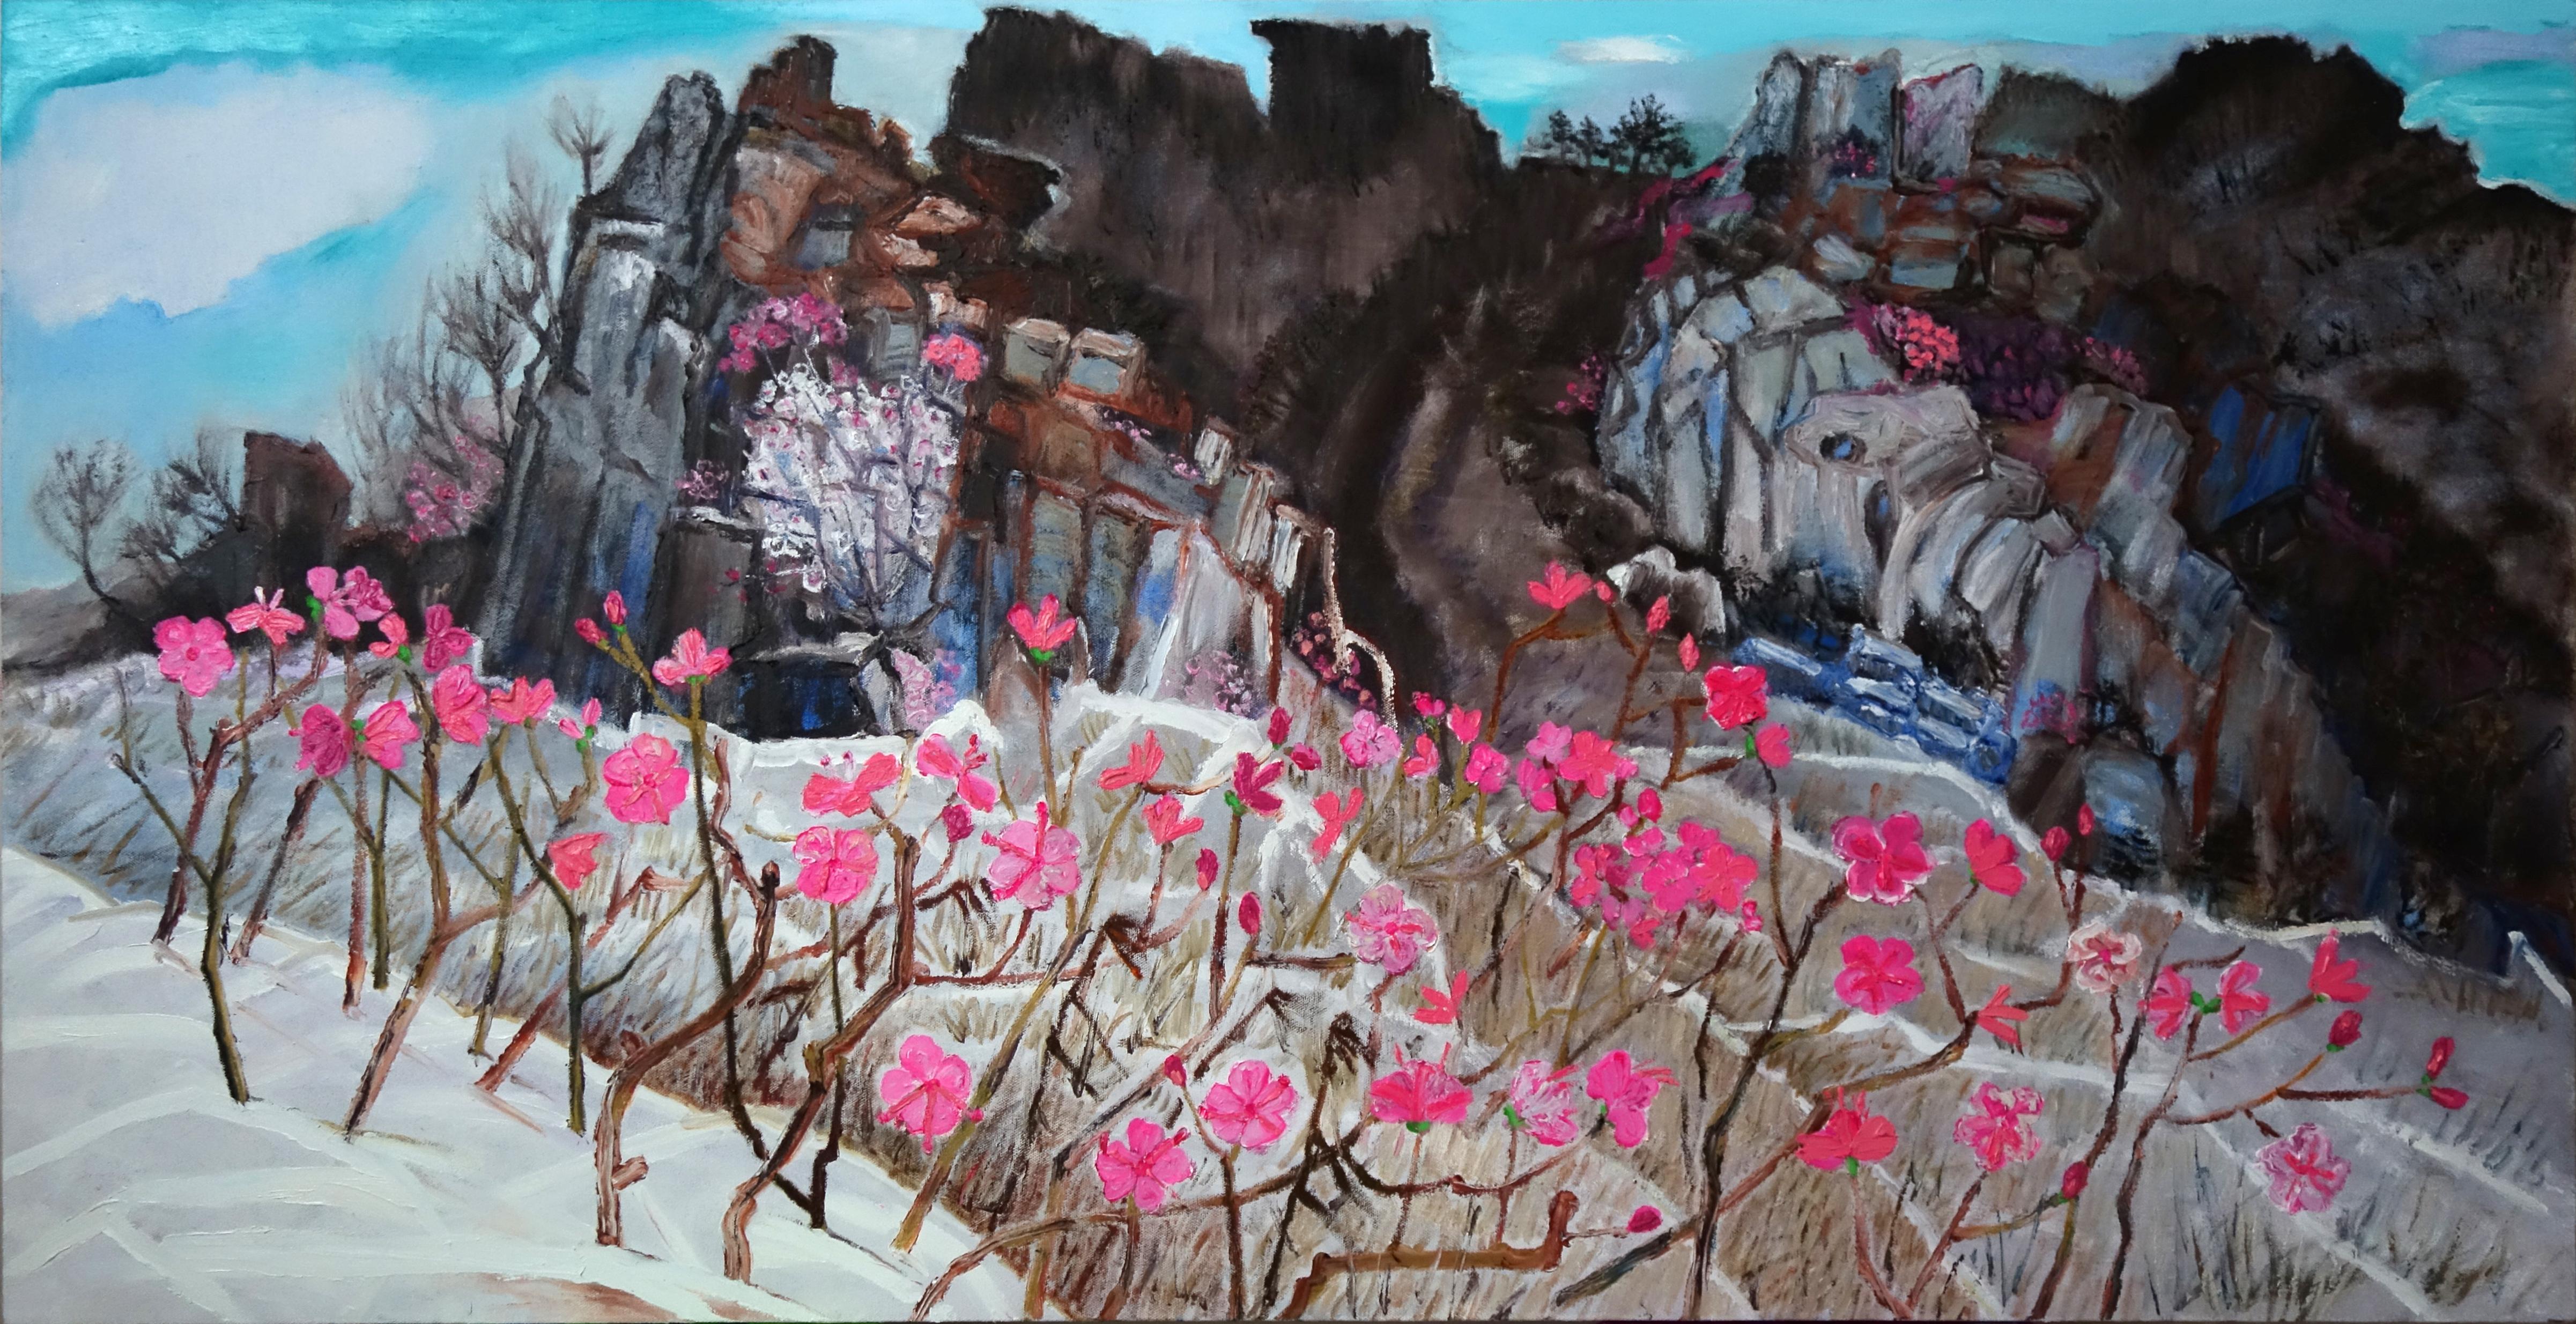 011 민해정수, 주작산진달래, 145.5 x 75